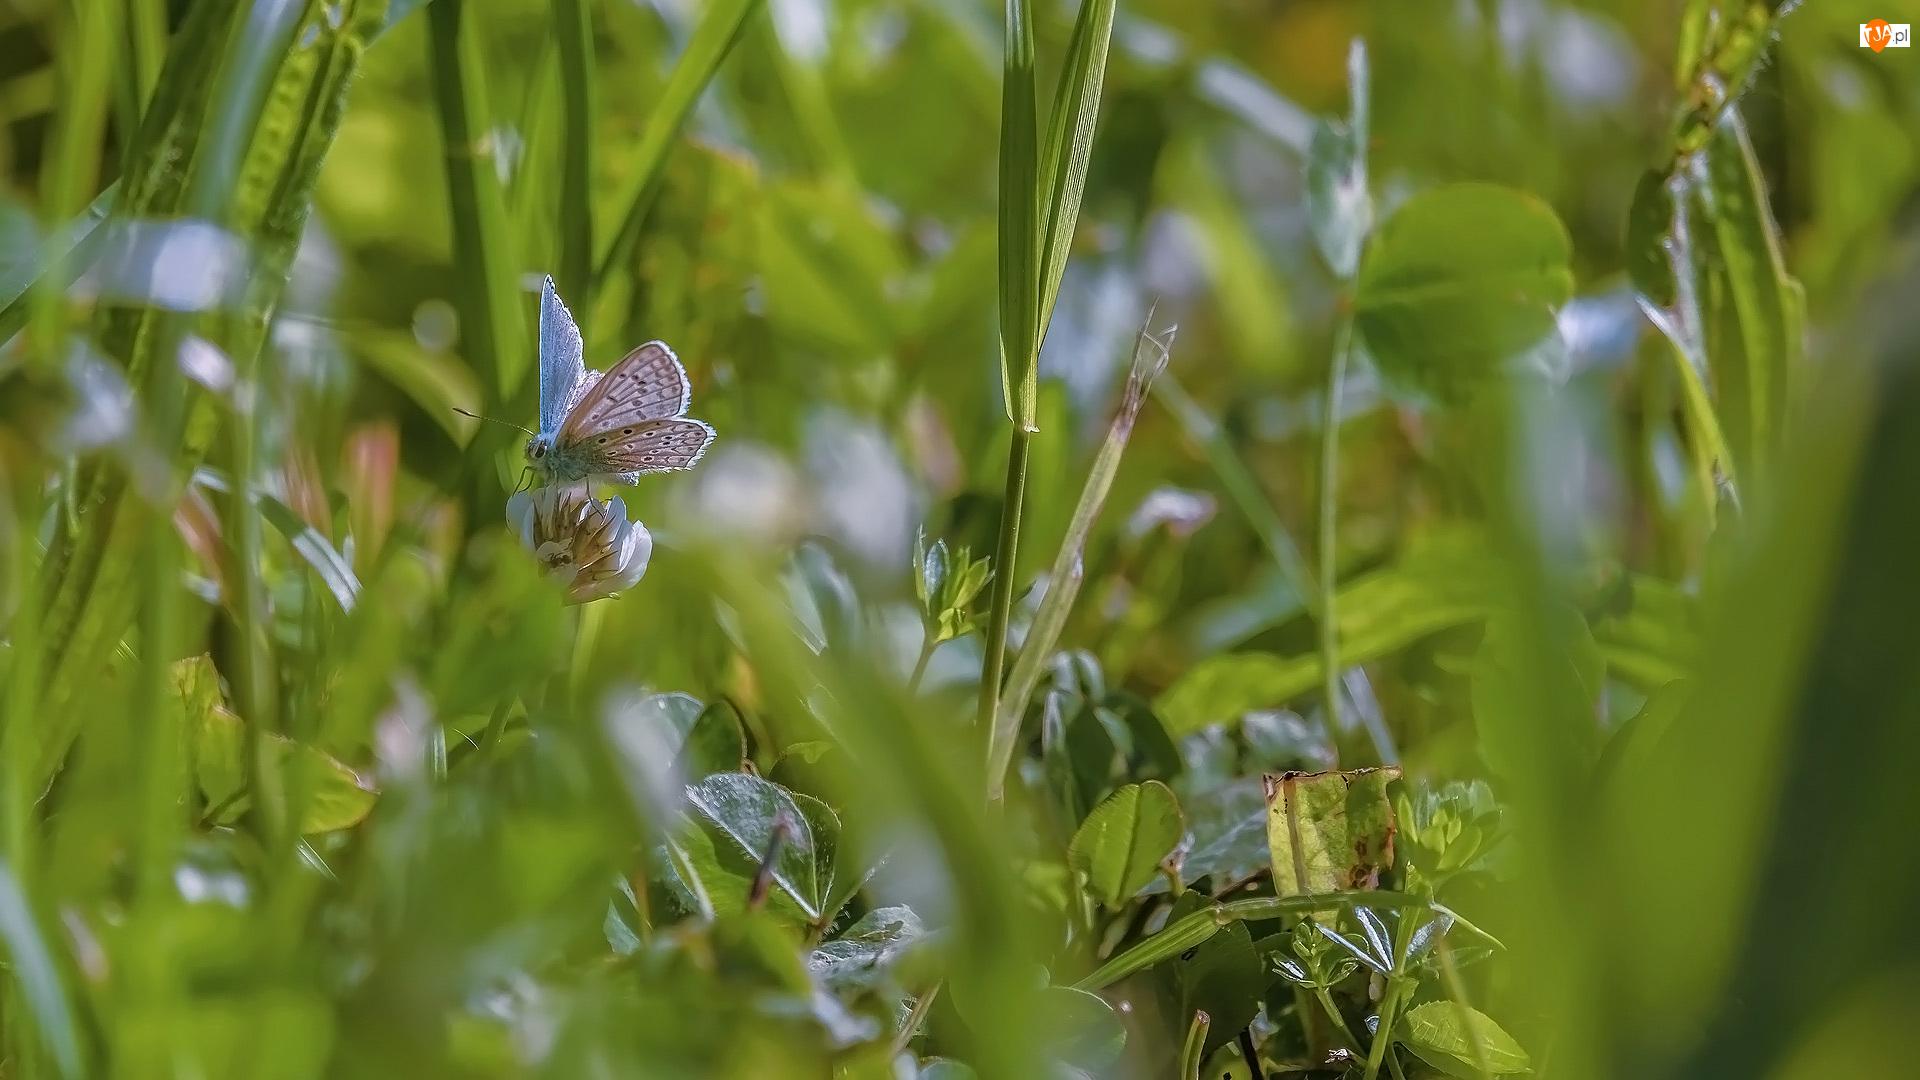 Modraszek ikar, Motyl, Koniczyna, Trawa, Kwiaty, Liście